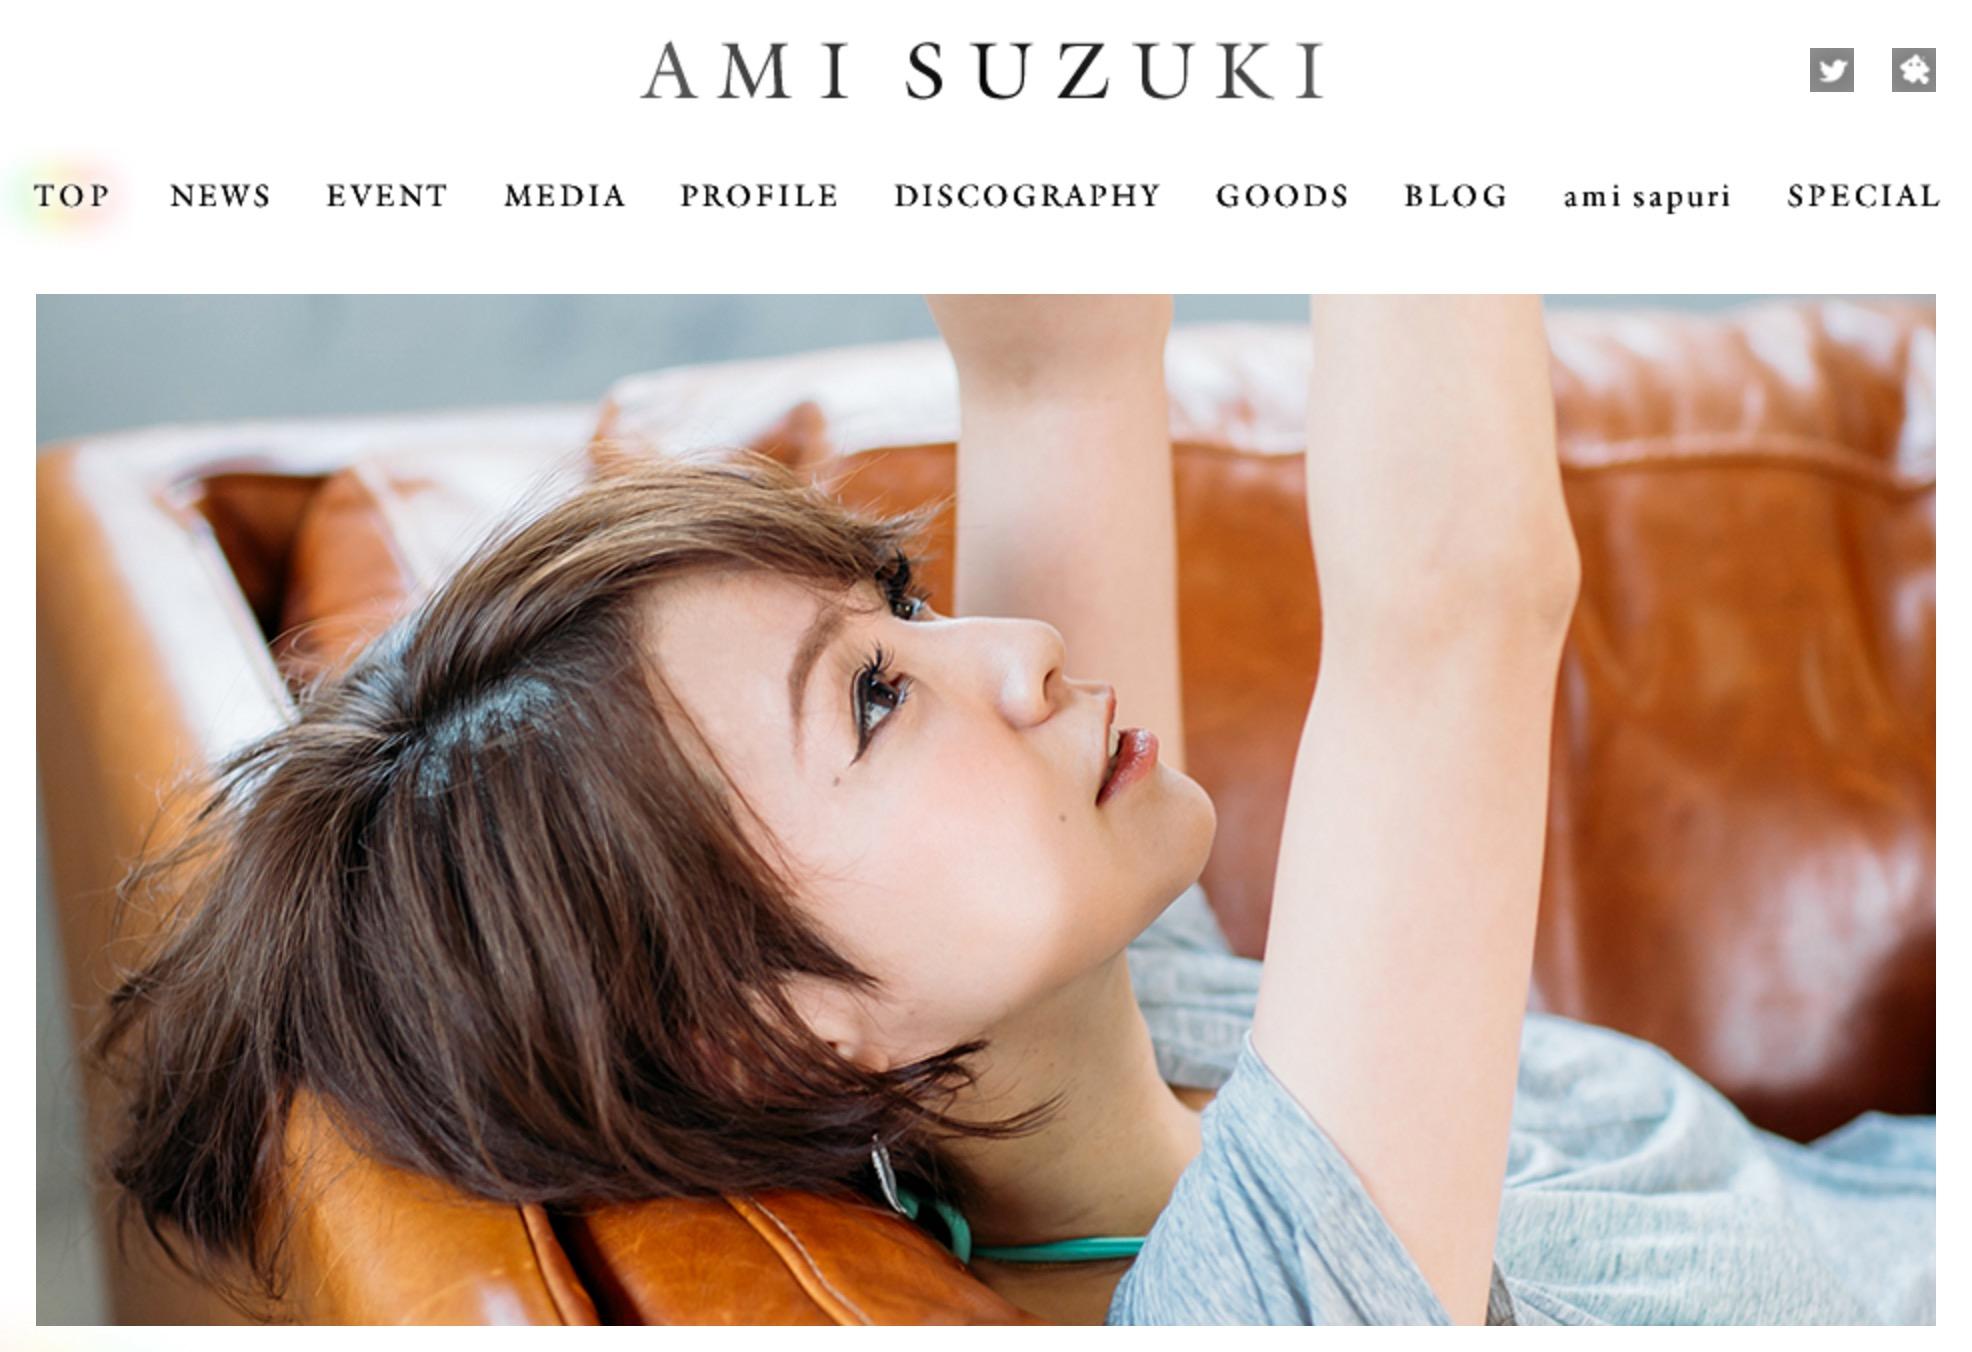 鈴木亜美、年下男性と結婚を発表 〜妊娠3ヶ月